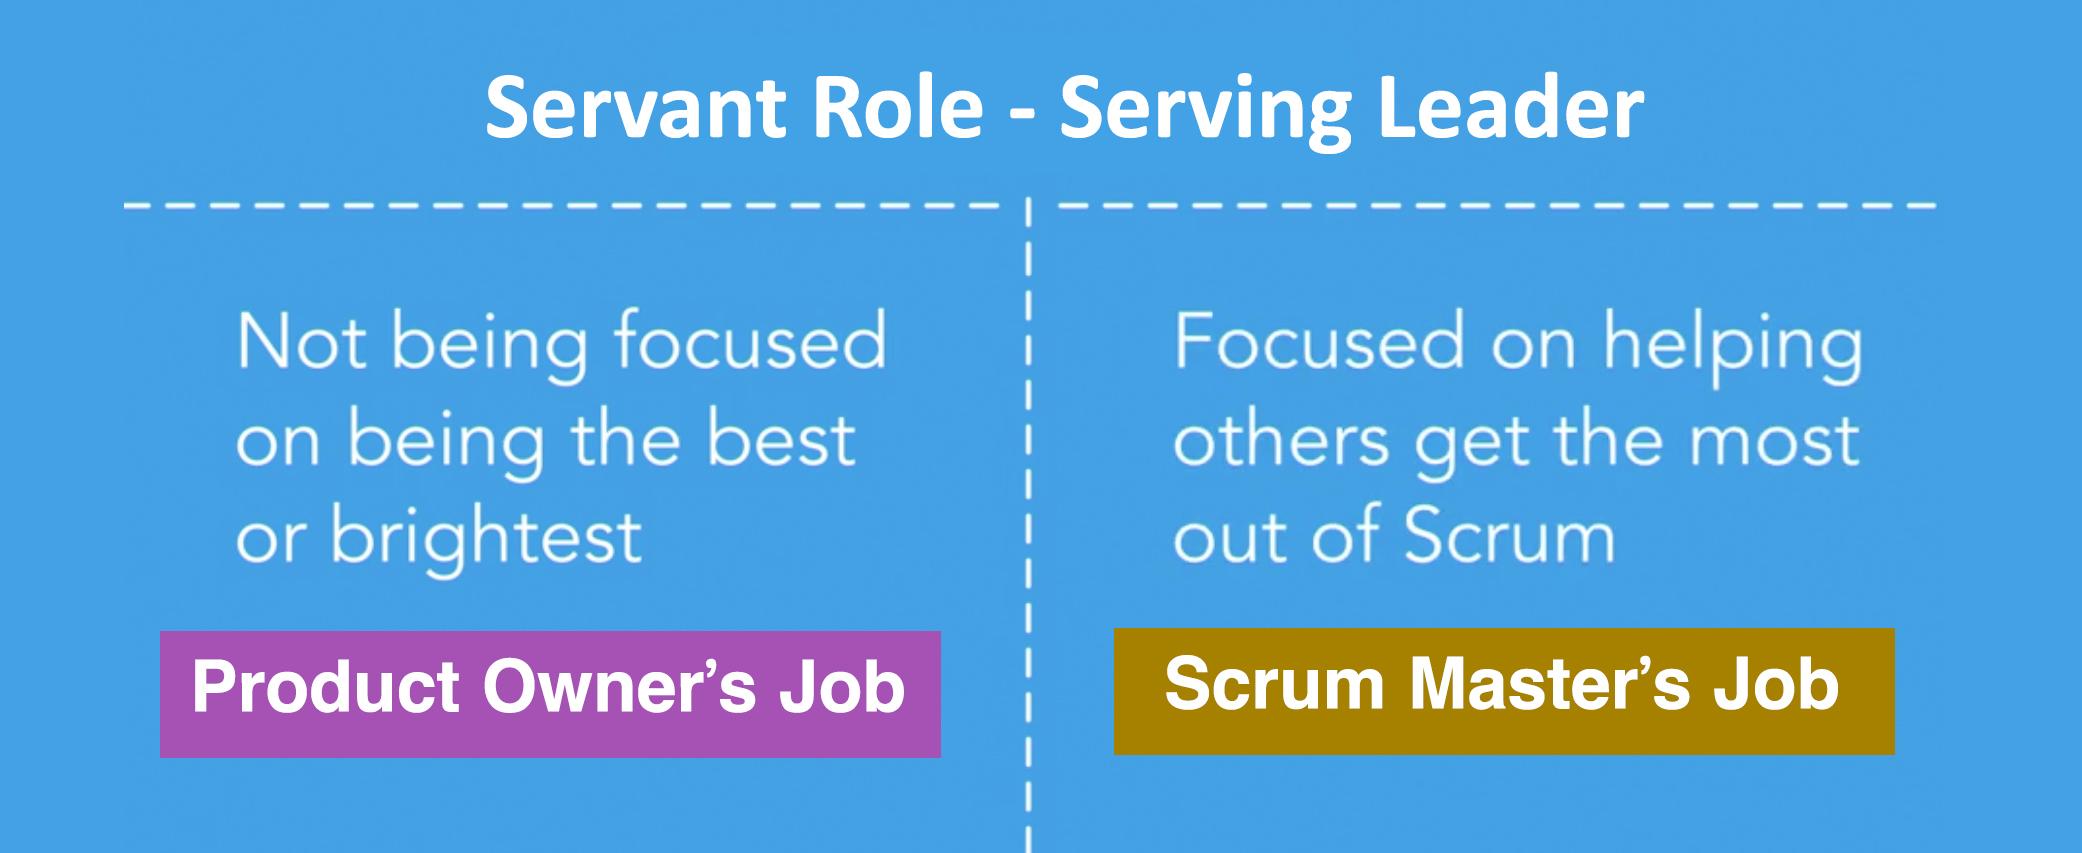 فرق اصلی بین اسکرام مستر و مالک محصول در همین تصویر است. مالک محصول بر روی الویتهای محصول تمرکز دارد و اسکرام مستر بر روی وضعیت، سرعت و بهبود عملکرد تیم تمرکز دارد.